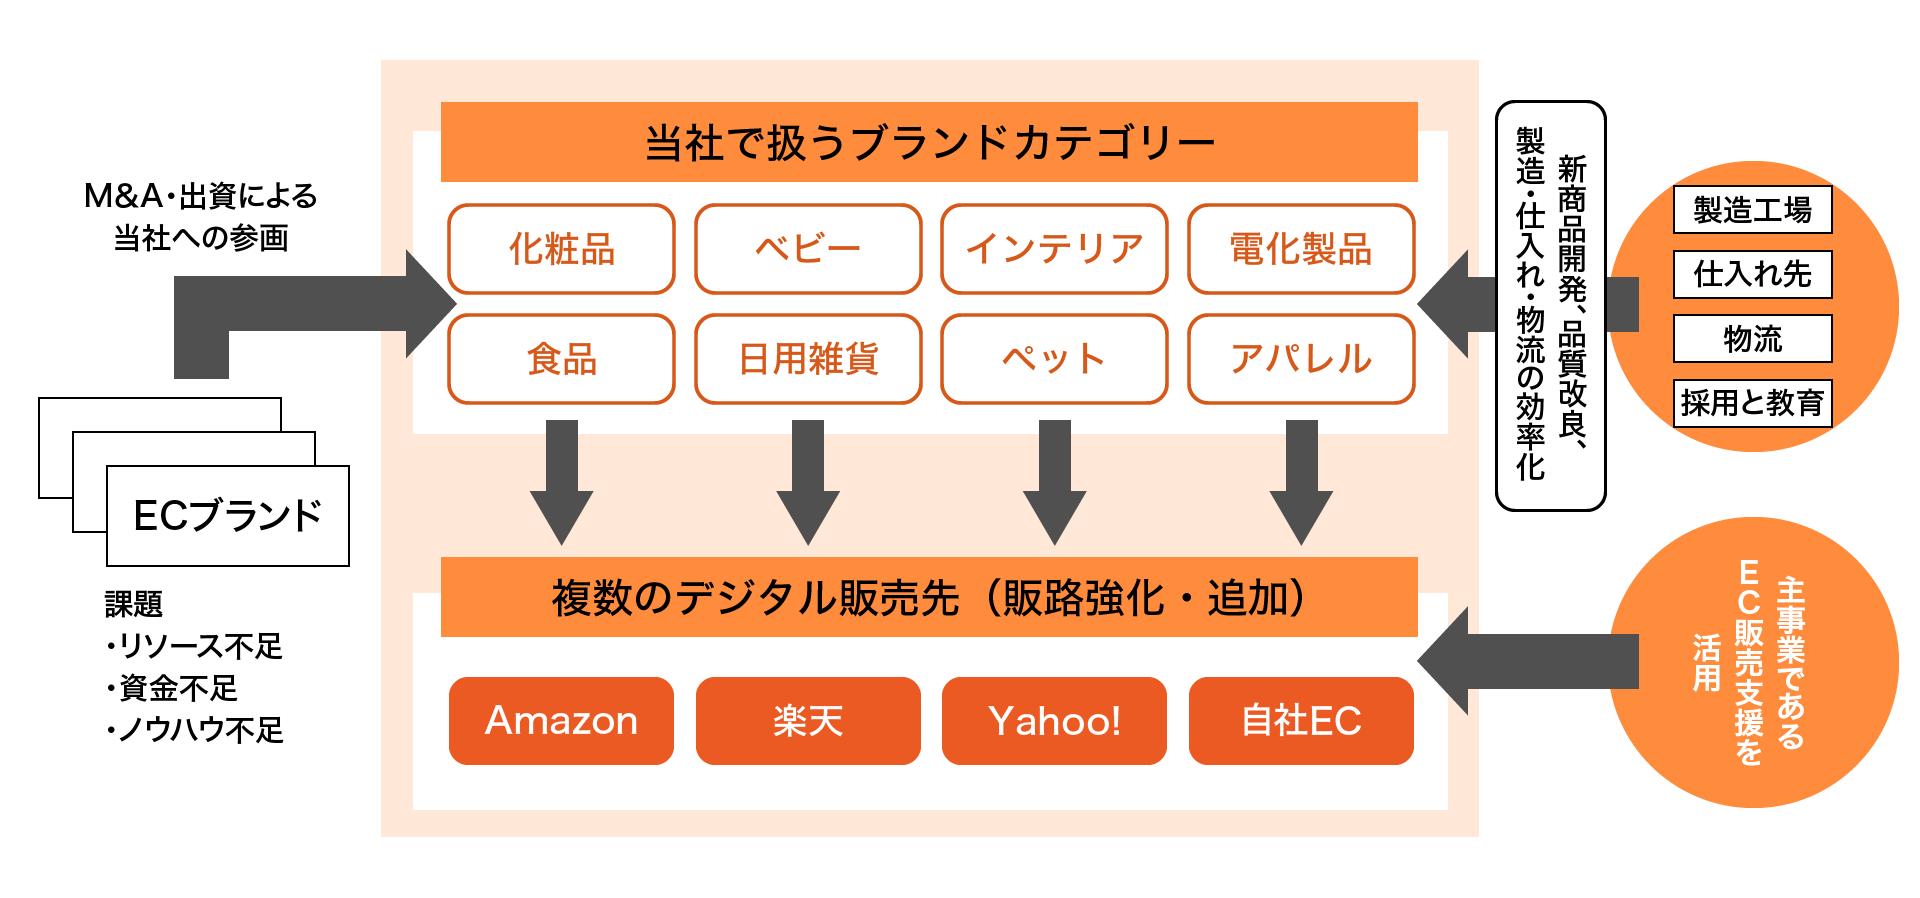 株式会社いつも、株式会社日本M&Aセンター・株式会社バトンズと協業を開始